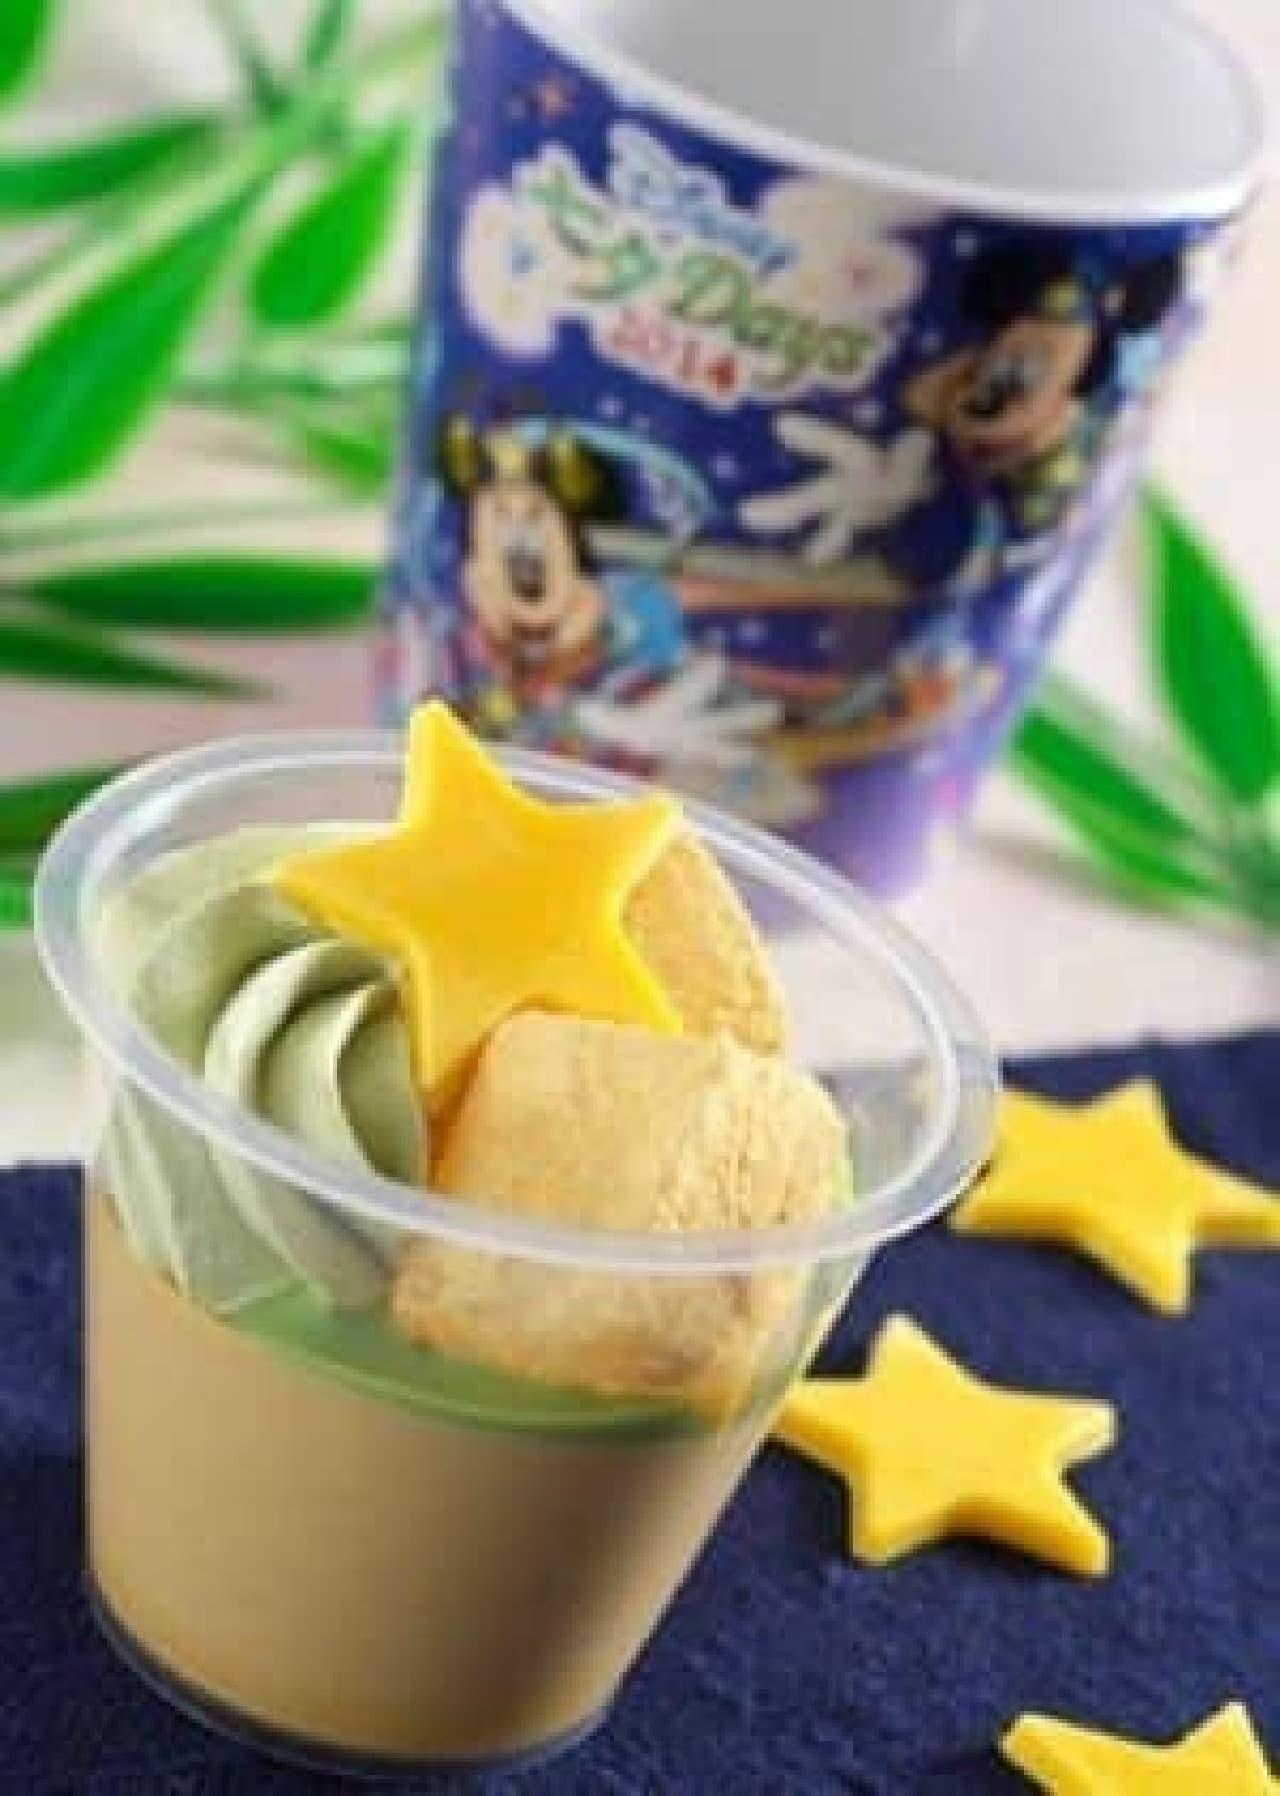 スーベニアカップも可愛い!  (C)Disney/出典:東京ディズニーリゾート公式サイト